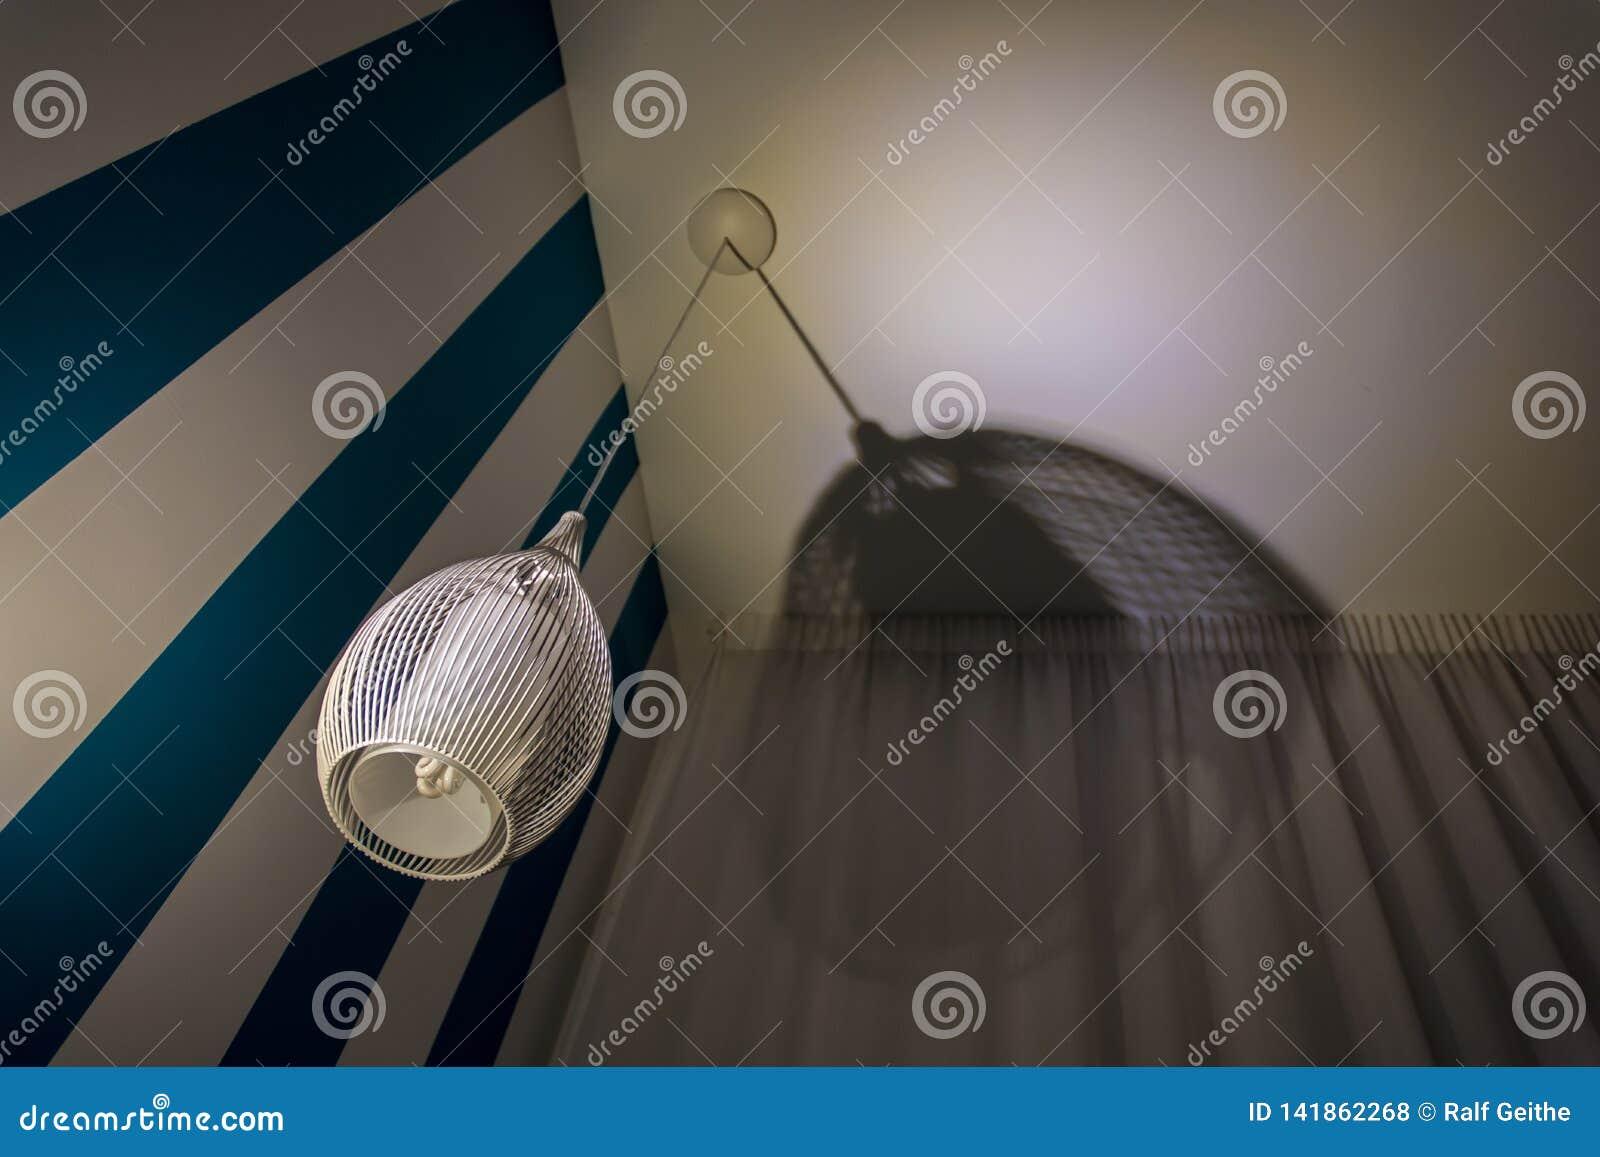 Lâmpada à moda do teto ao lado da parede branca azul com cortina